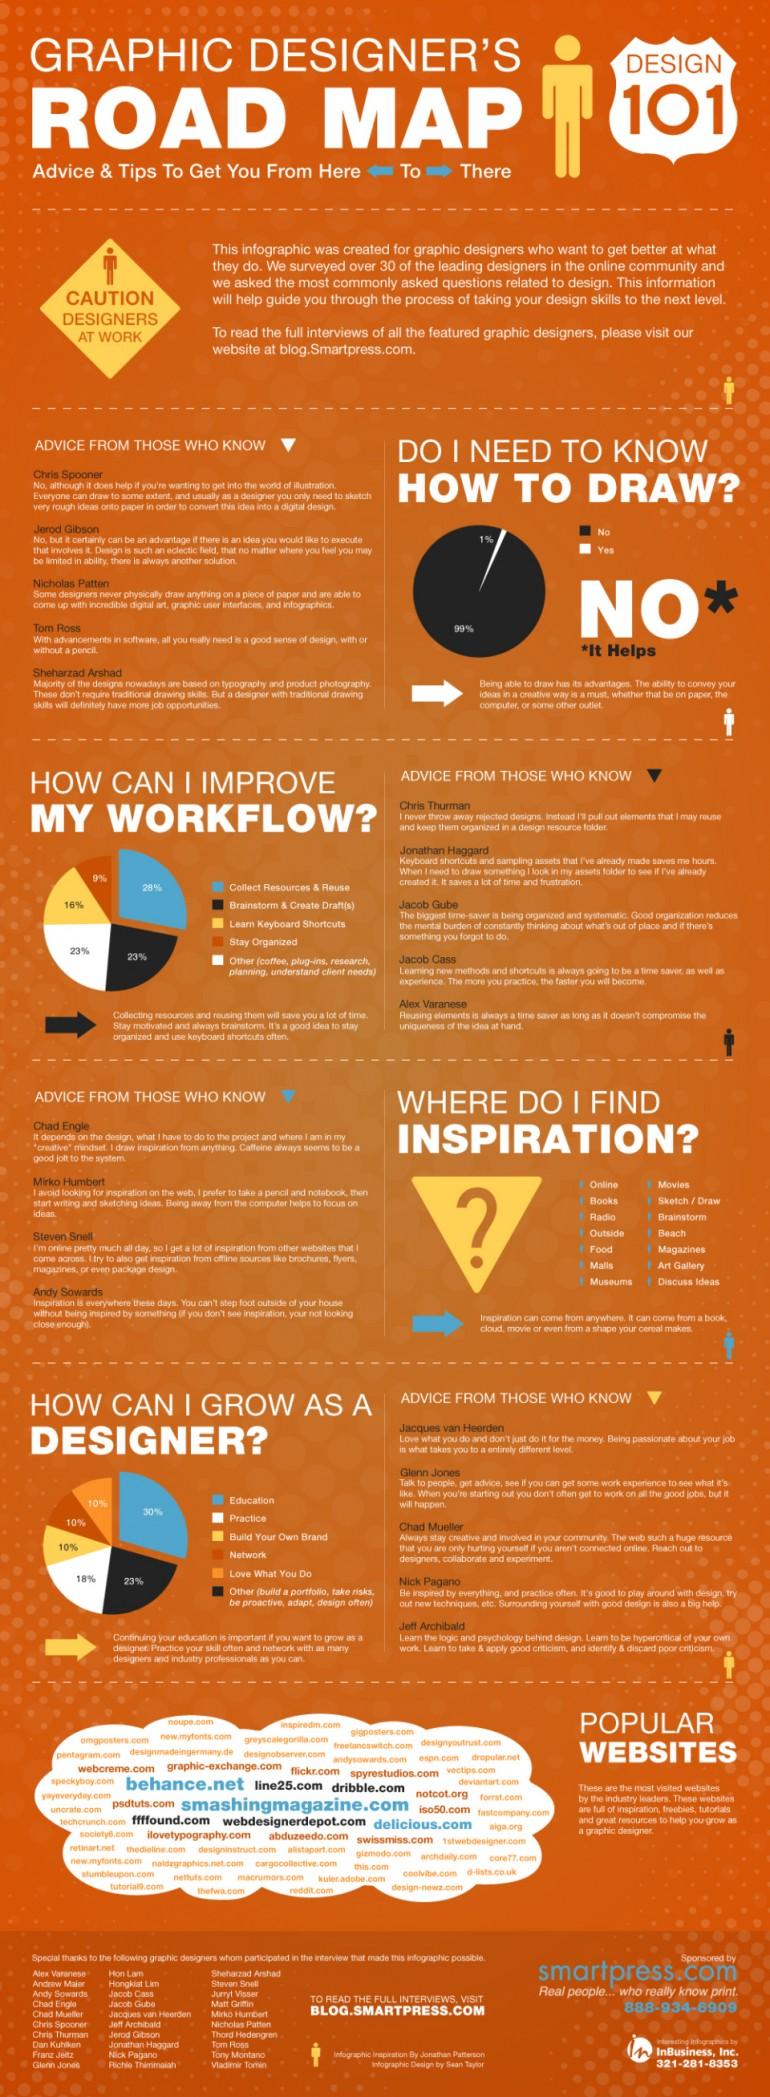 Graphic Designer's Road Map – Design 101